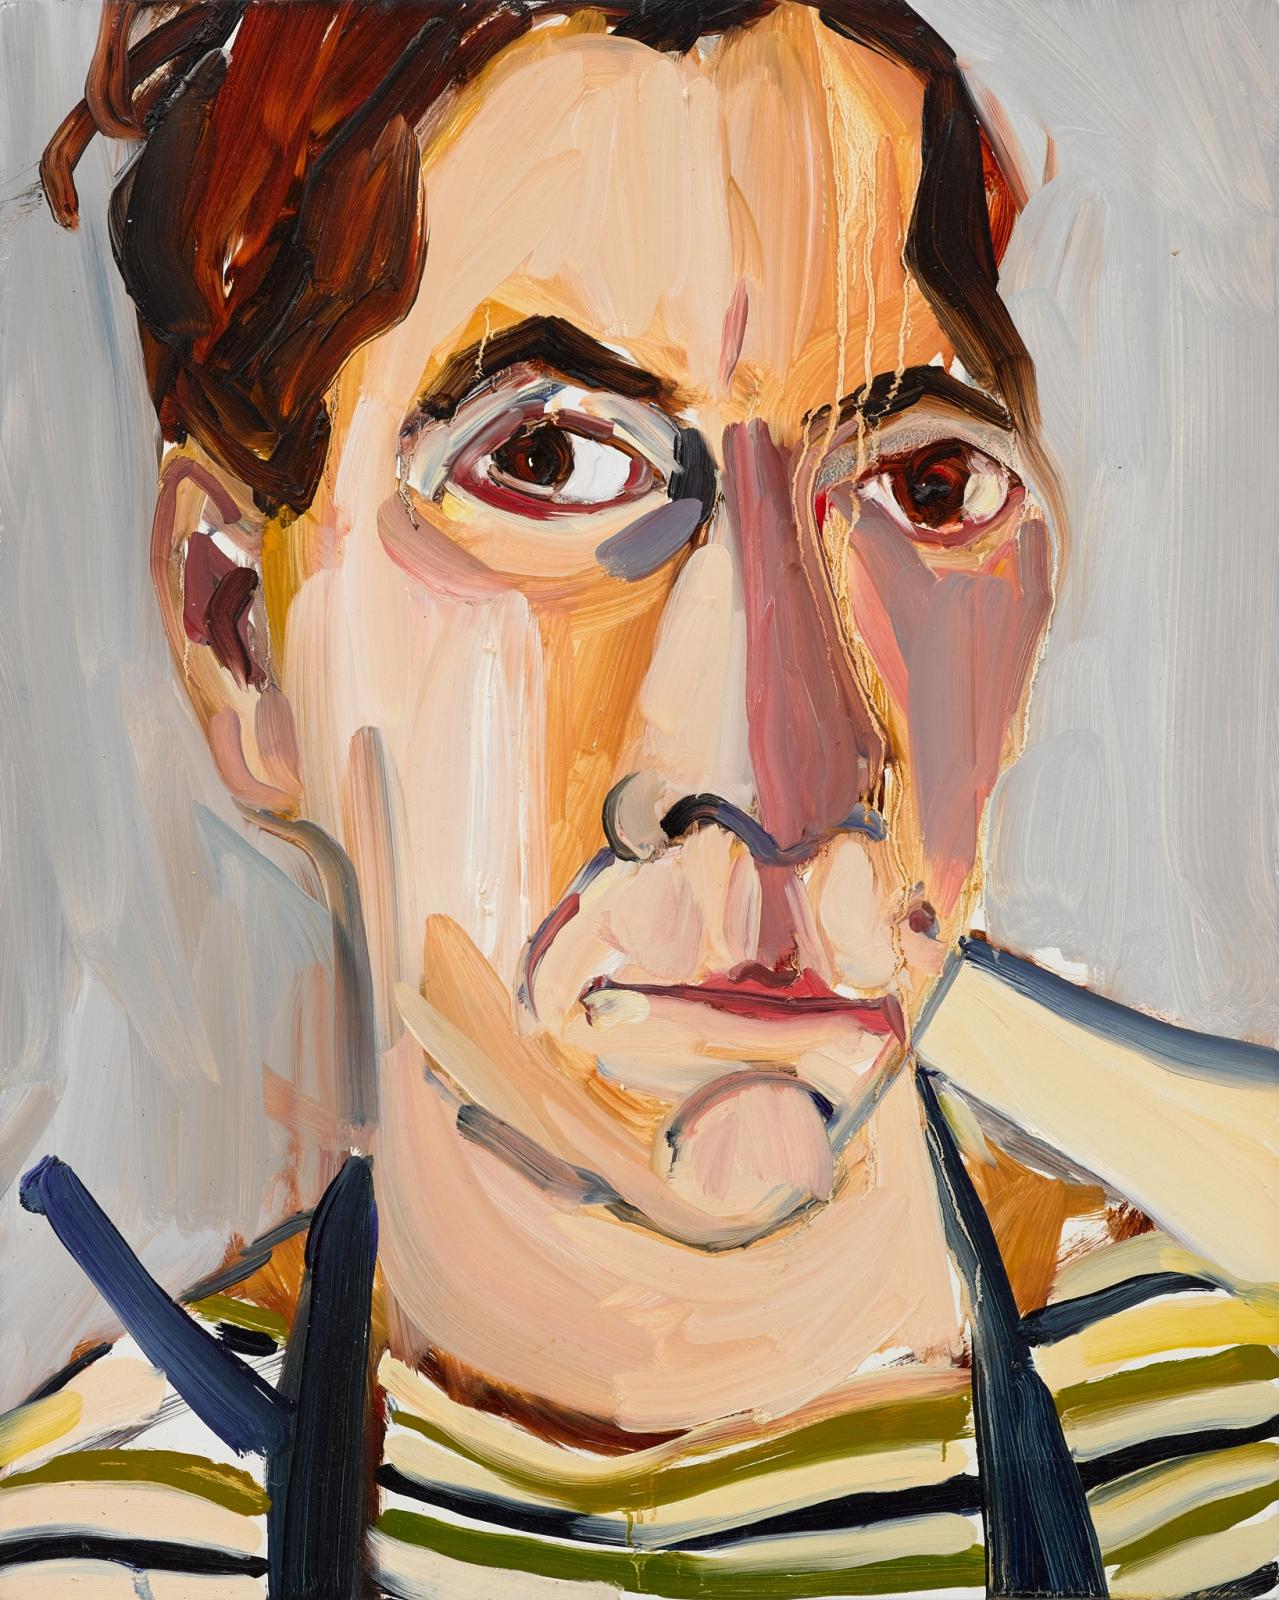 CHANTAL JOFFE, Lockdown Self-Portrait in Stripes, 2020